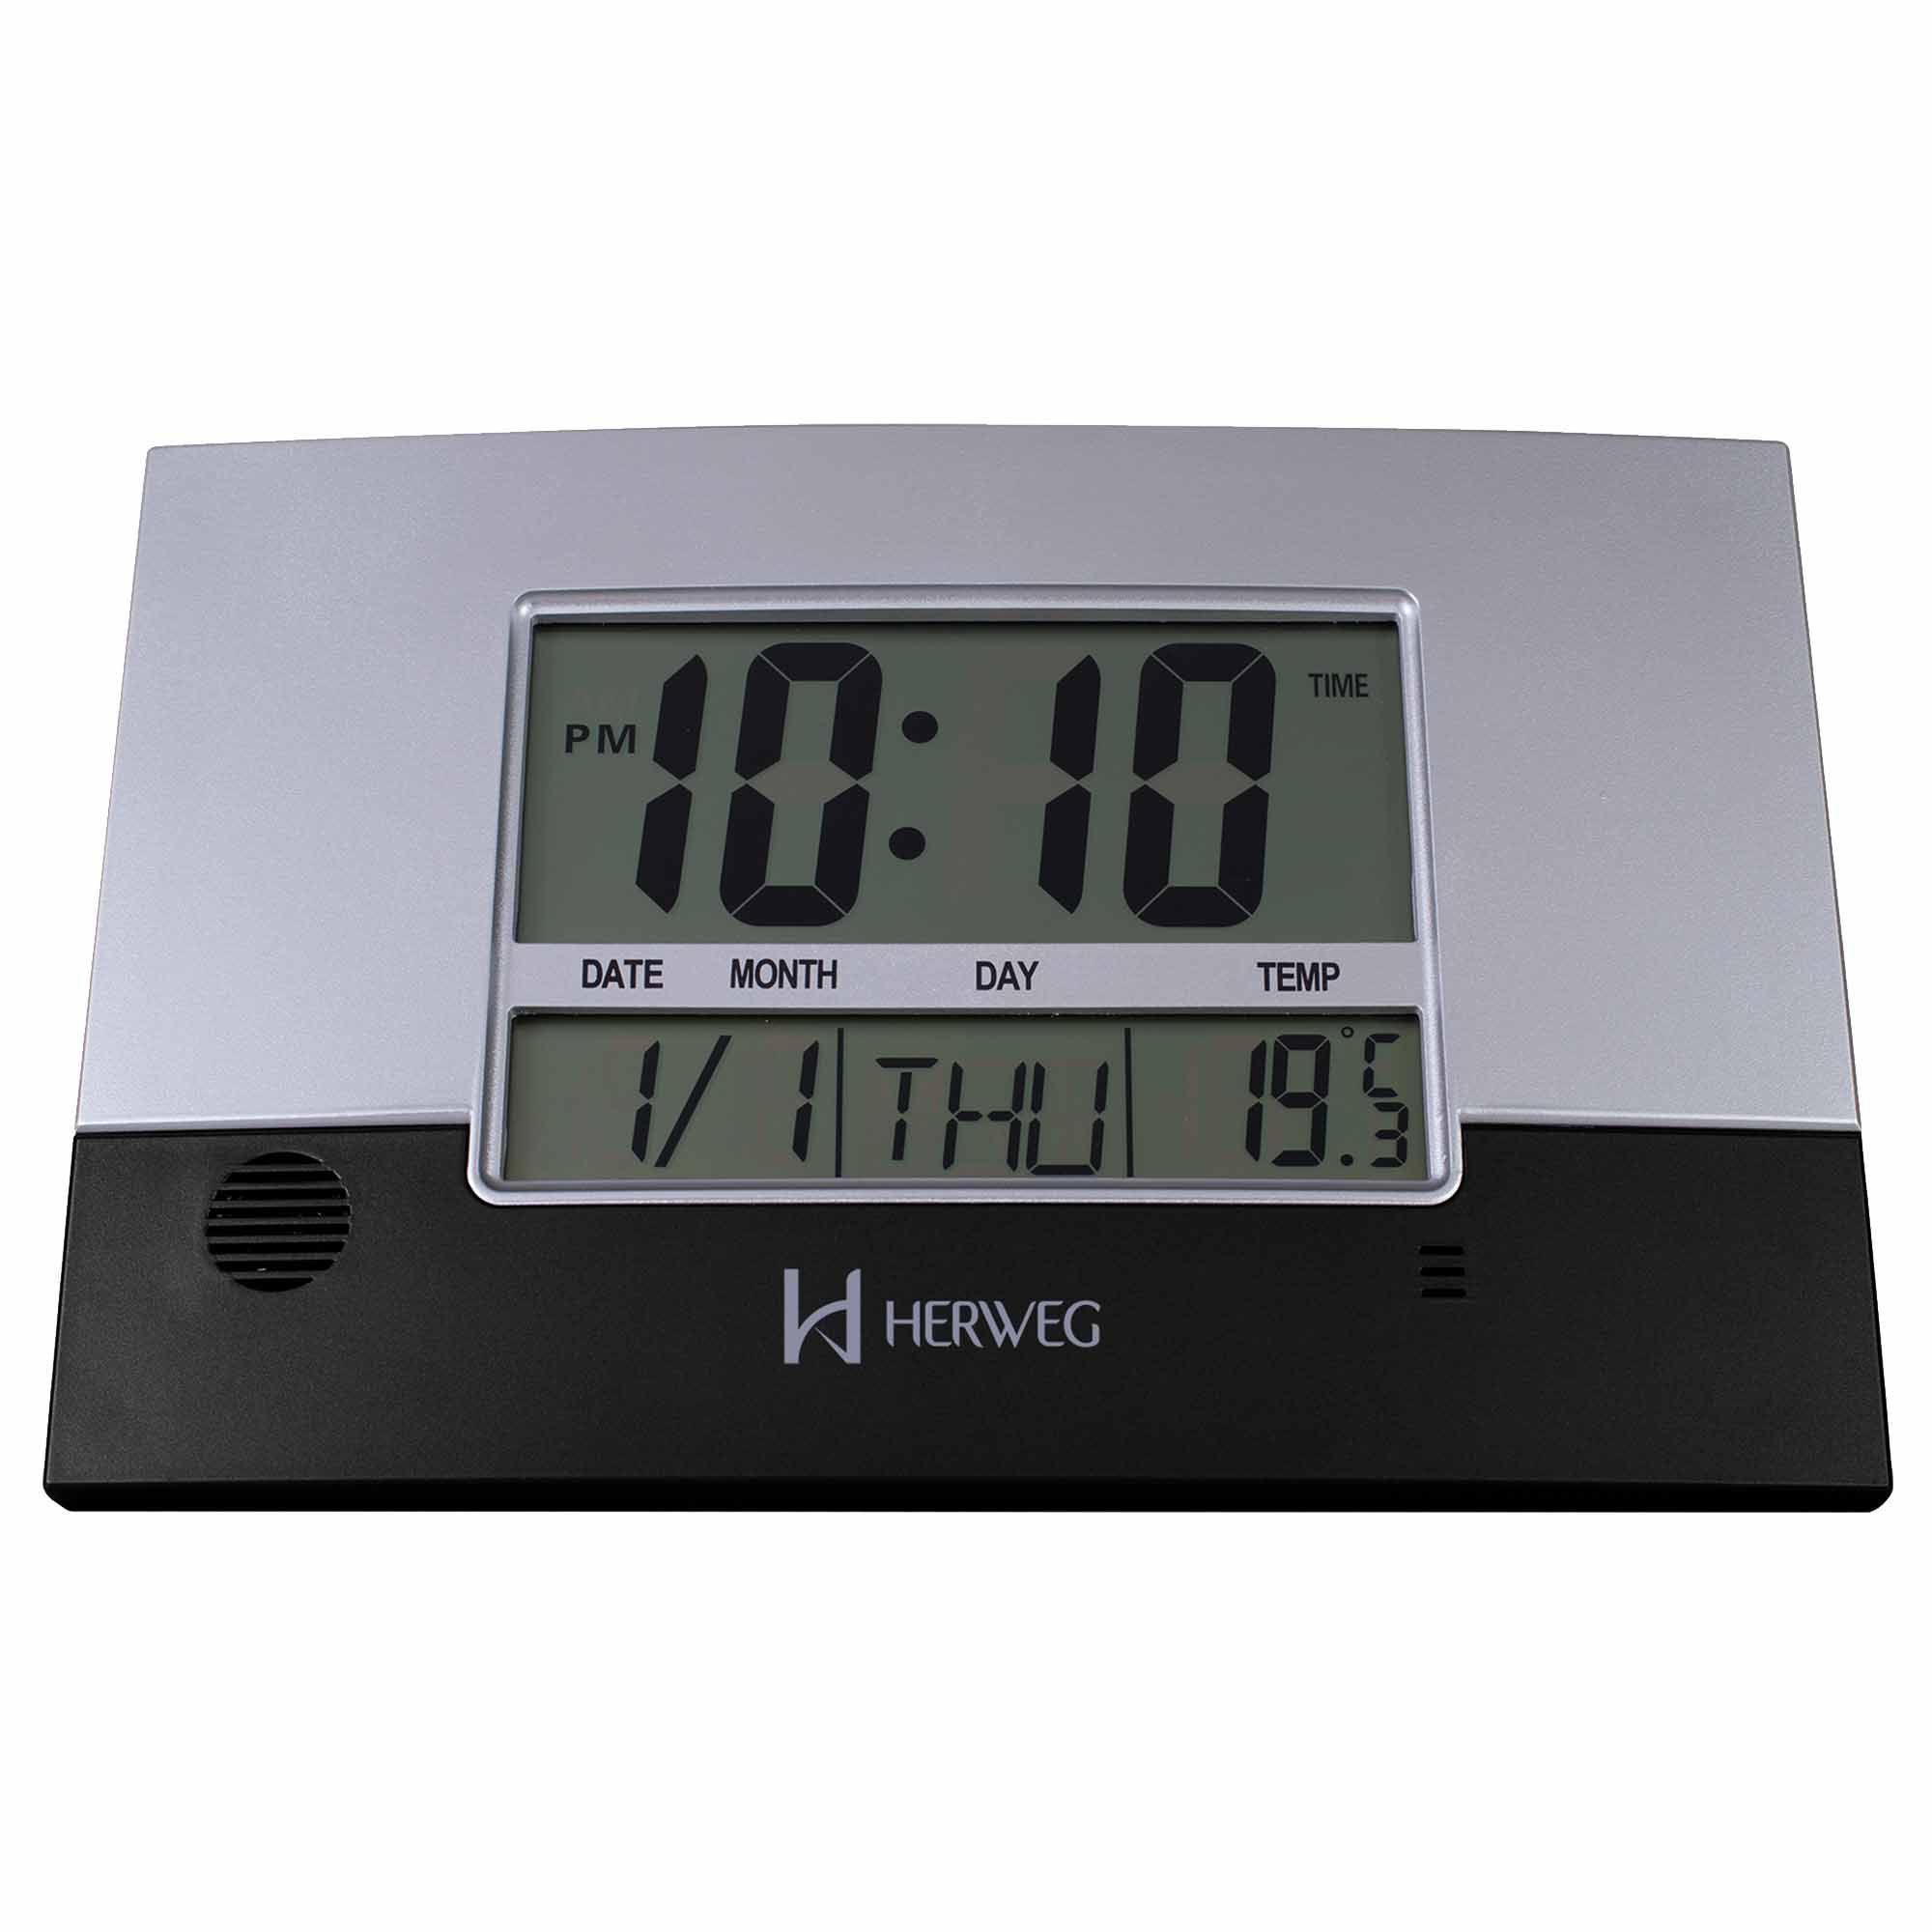 Relógio de Parede Digital Herweg 6473 034 Preto